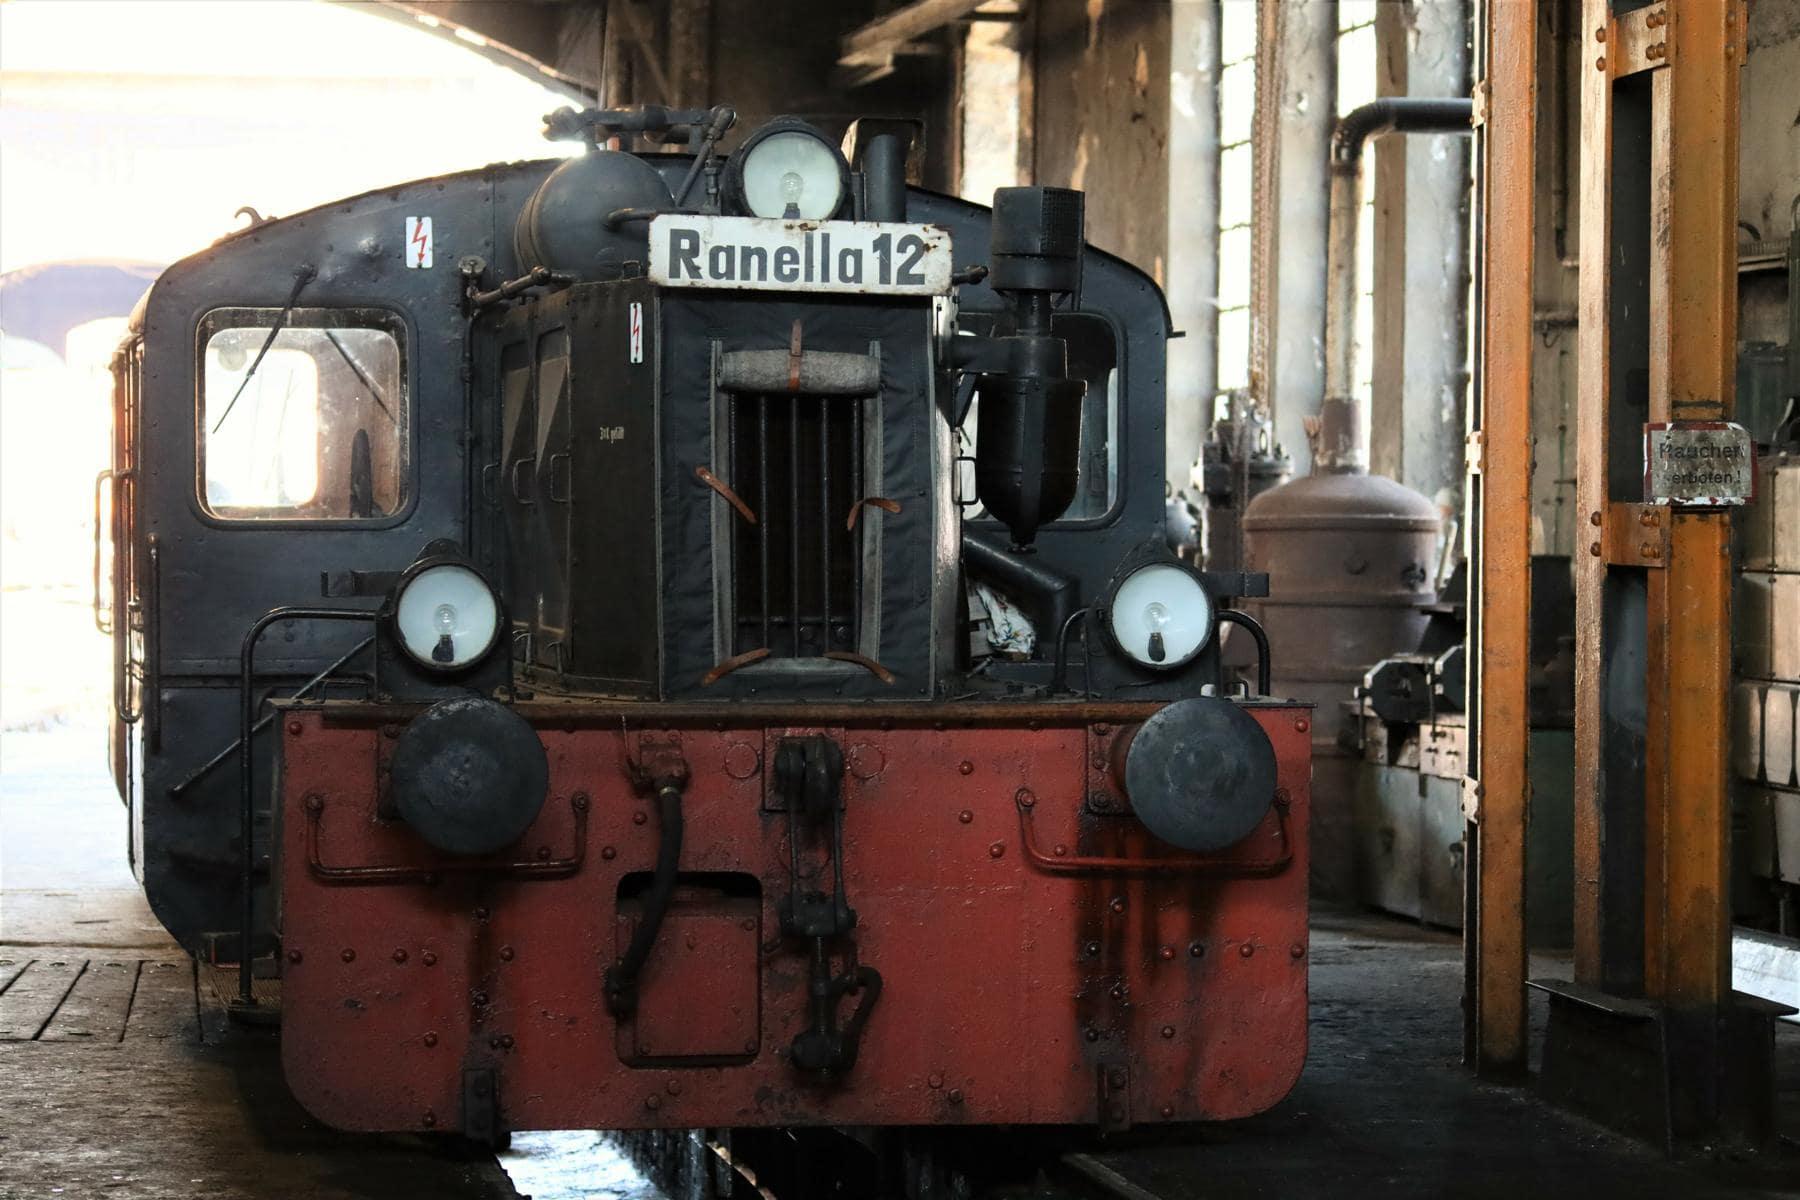 ©Foto: Christian Wodzinski | railmen | Ranella 12 – der Rufname dieser Lok im Rangierdienst